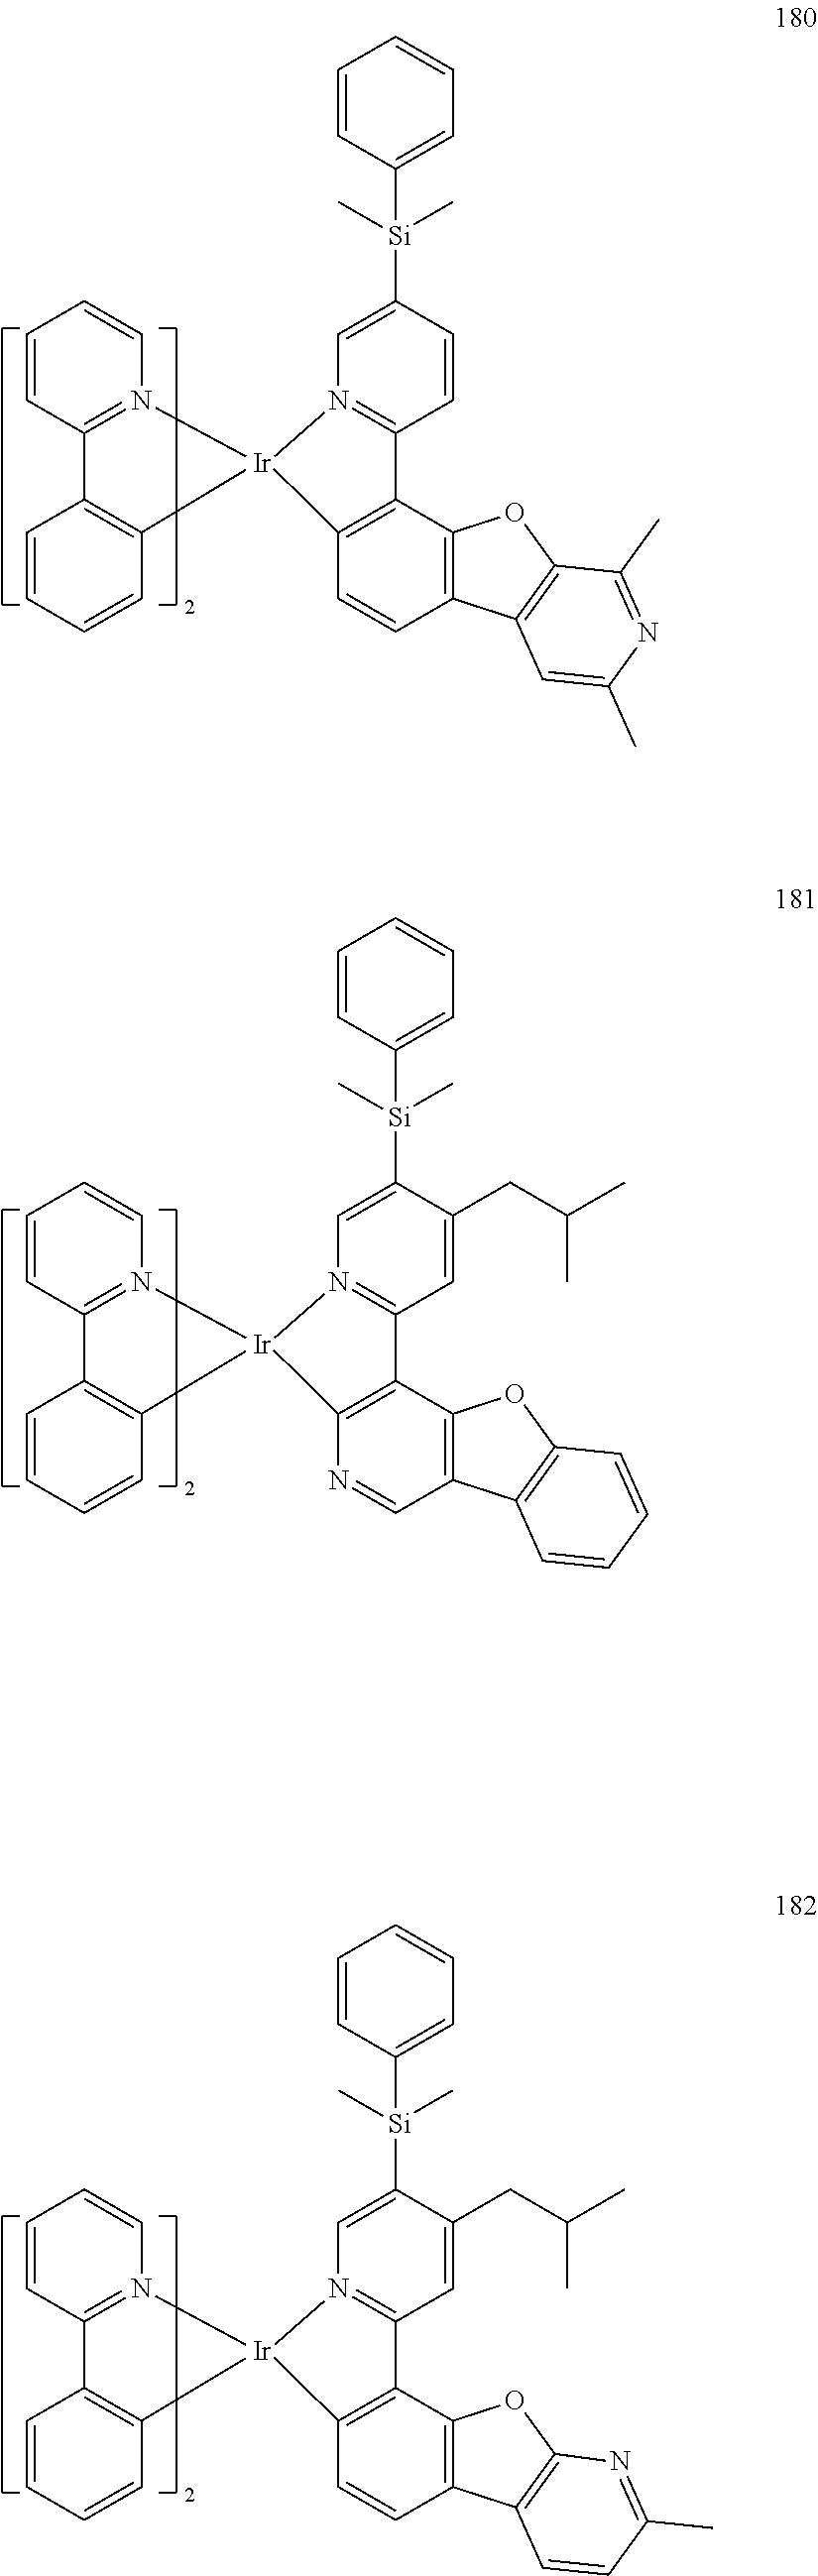 Figure US20160155962A1-20160602-C00113